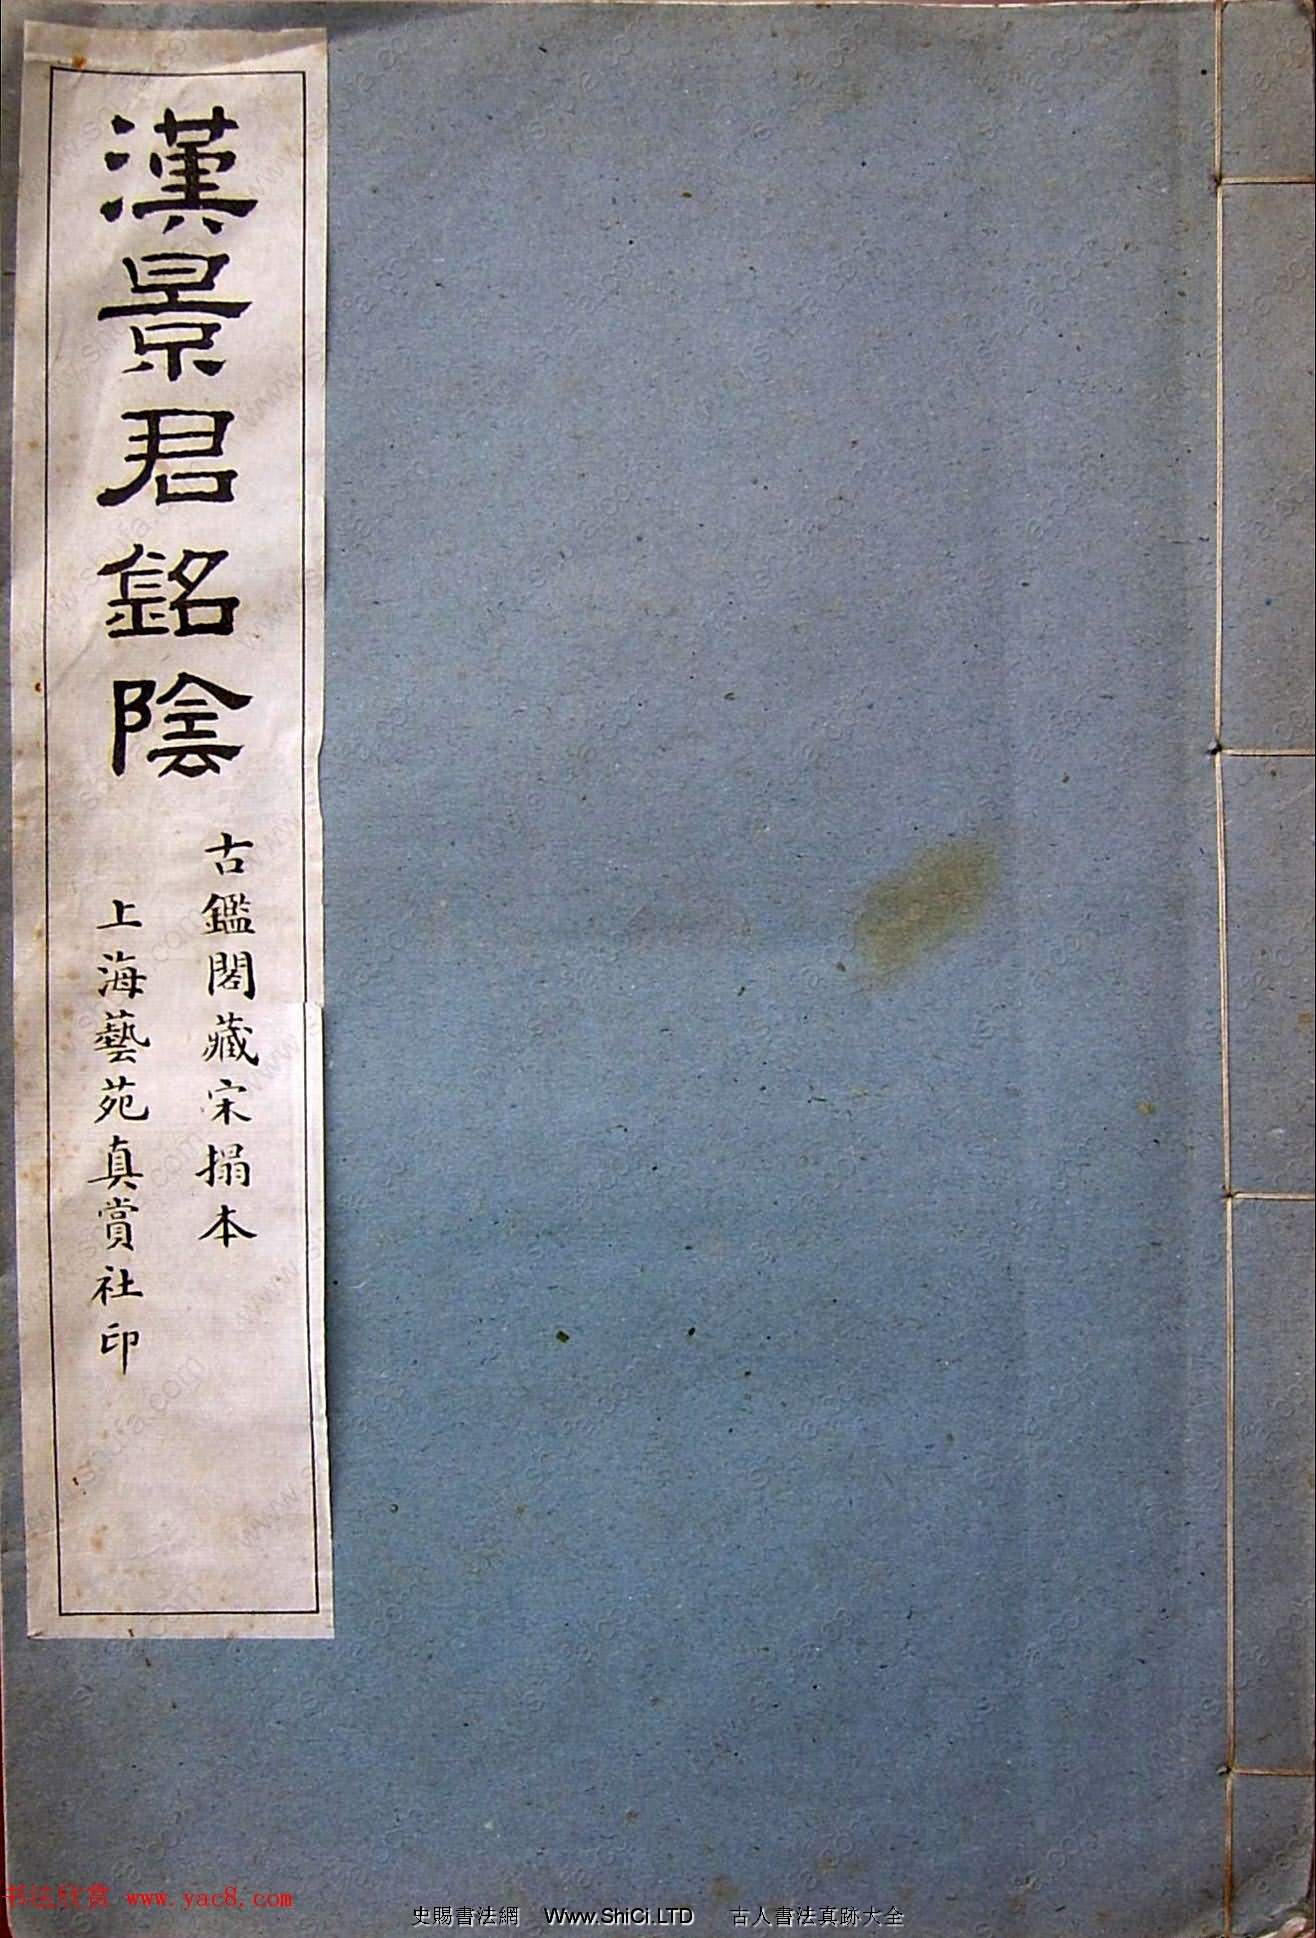 東漢隸書碑刻《景君銘碑陰》(共38張圖片)